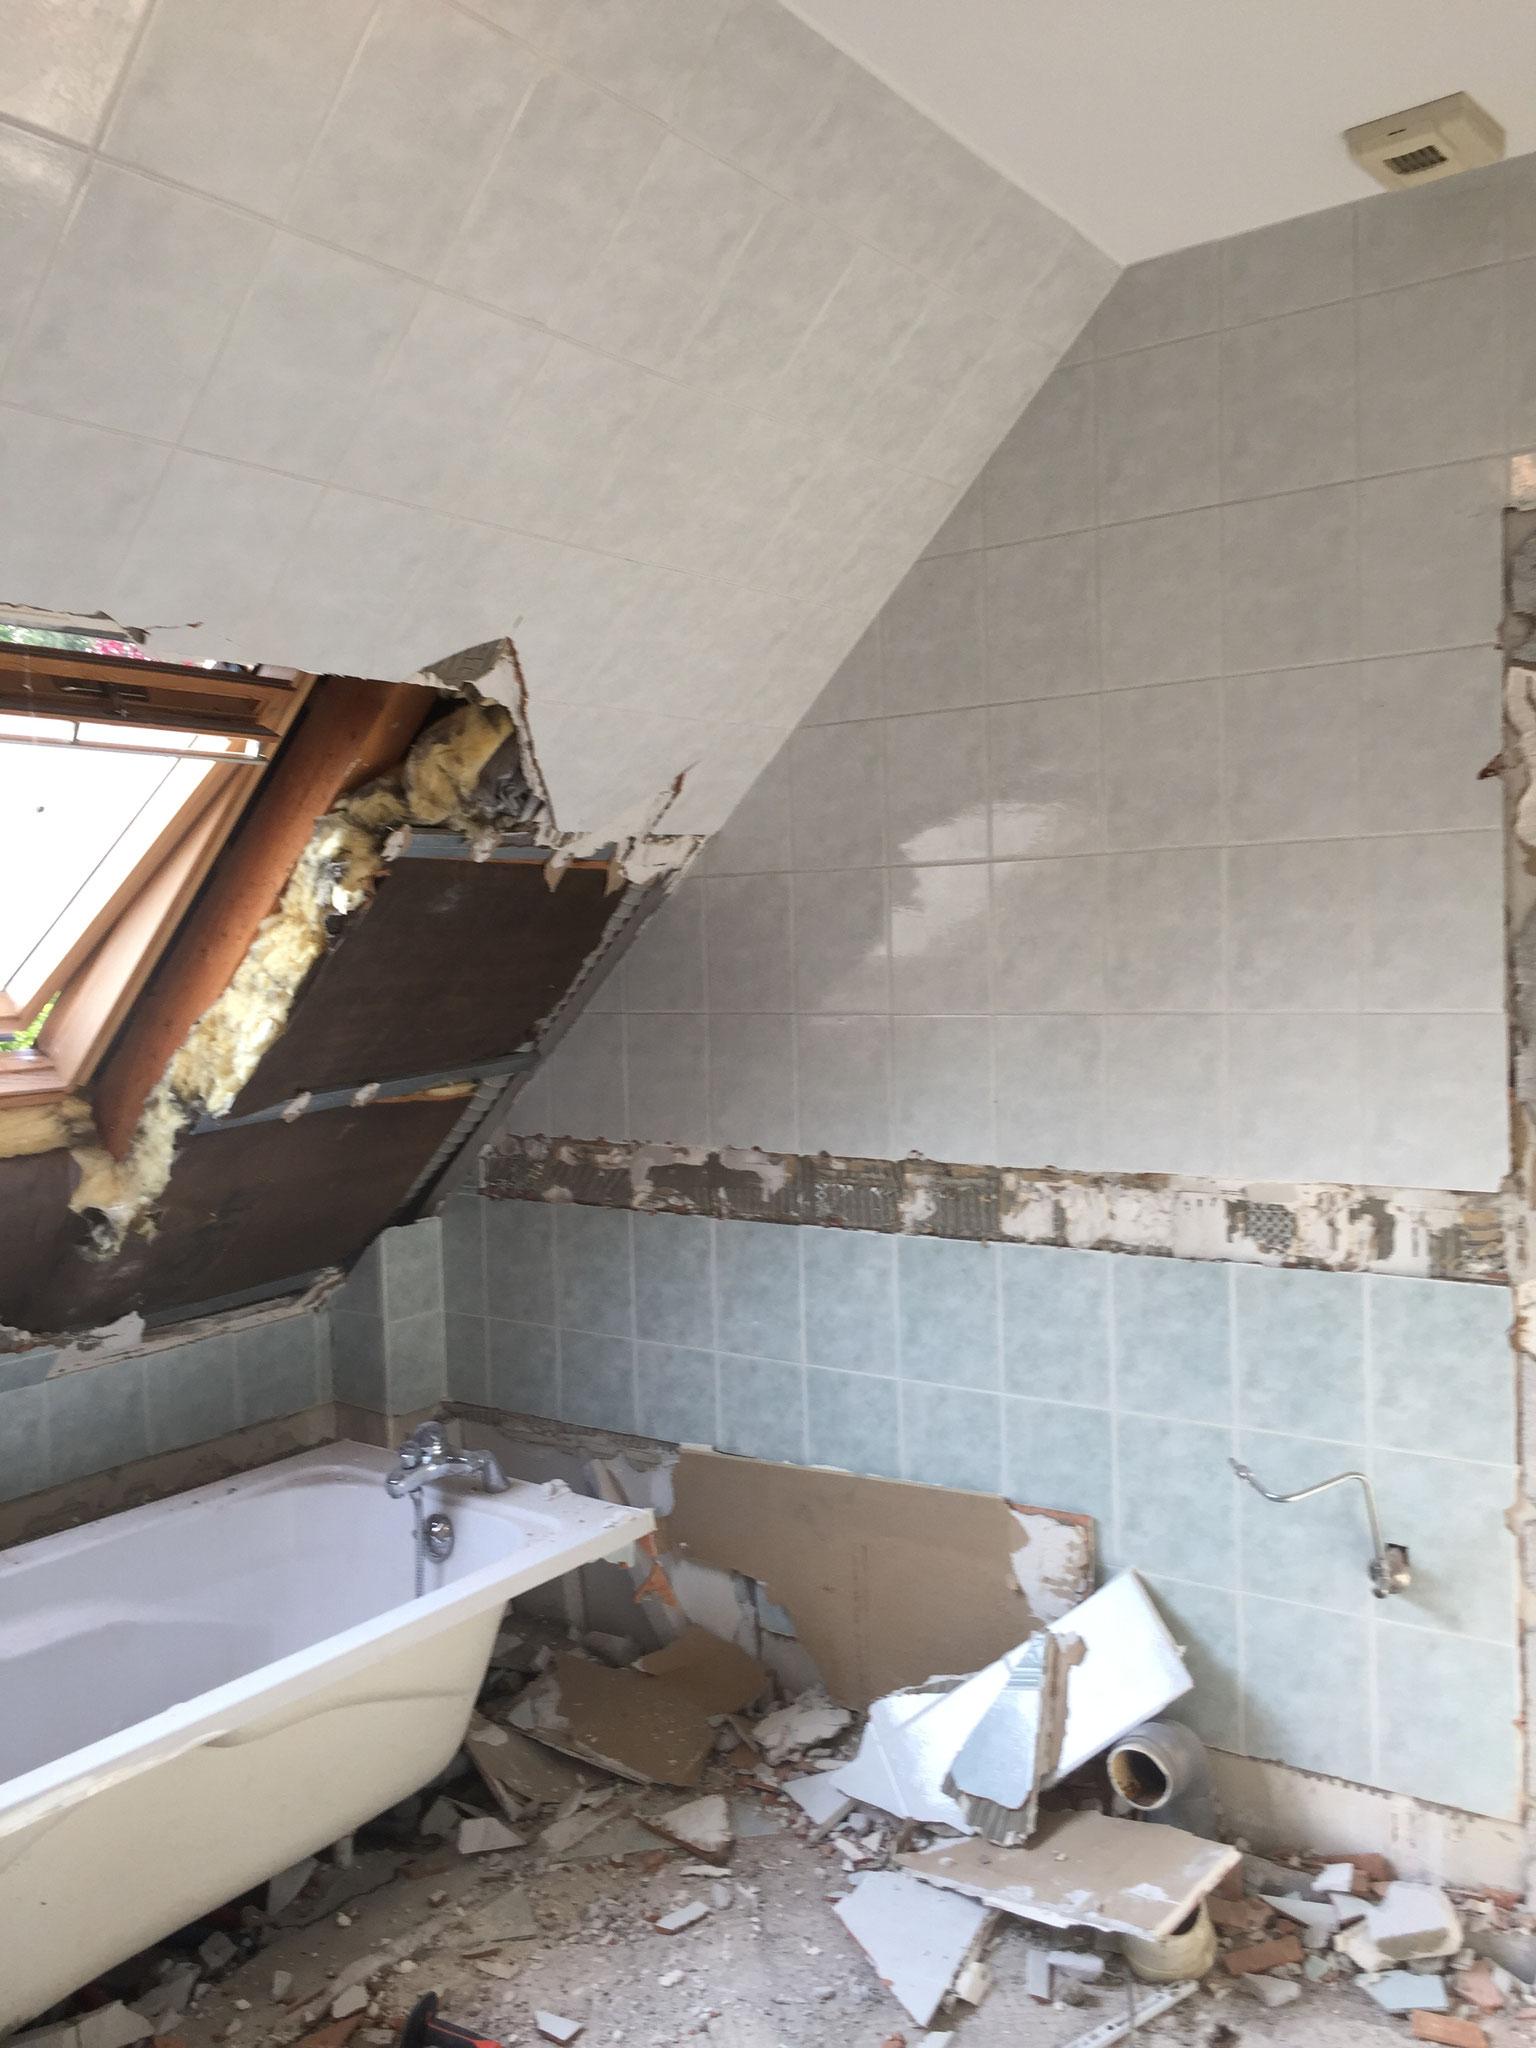 Démolition de rampant en plaque de plâtre et carrelage ou sol Strasbourg 67 Activ Renovation